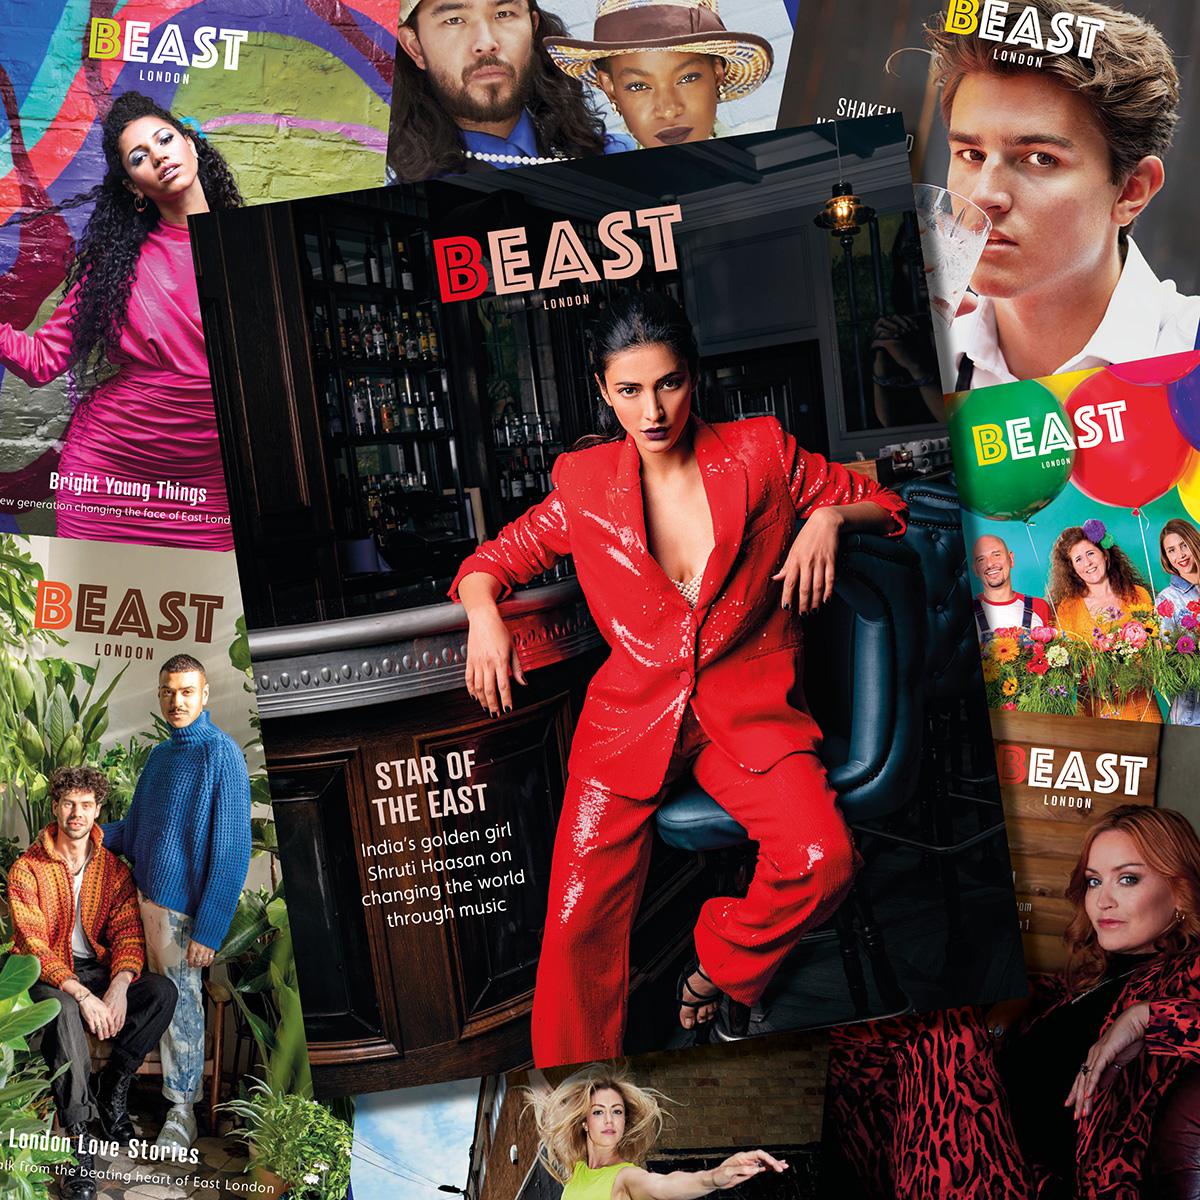 Buy Beast magazine